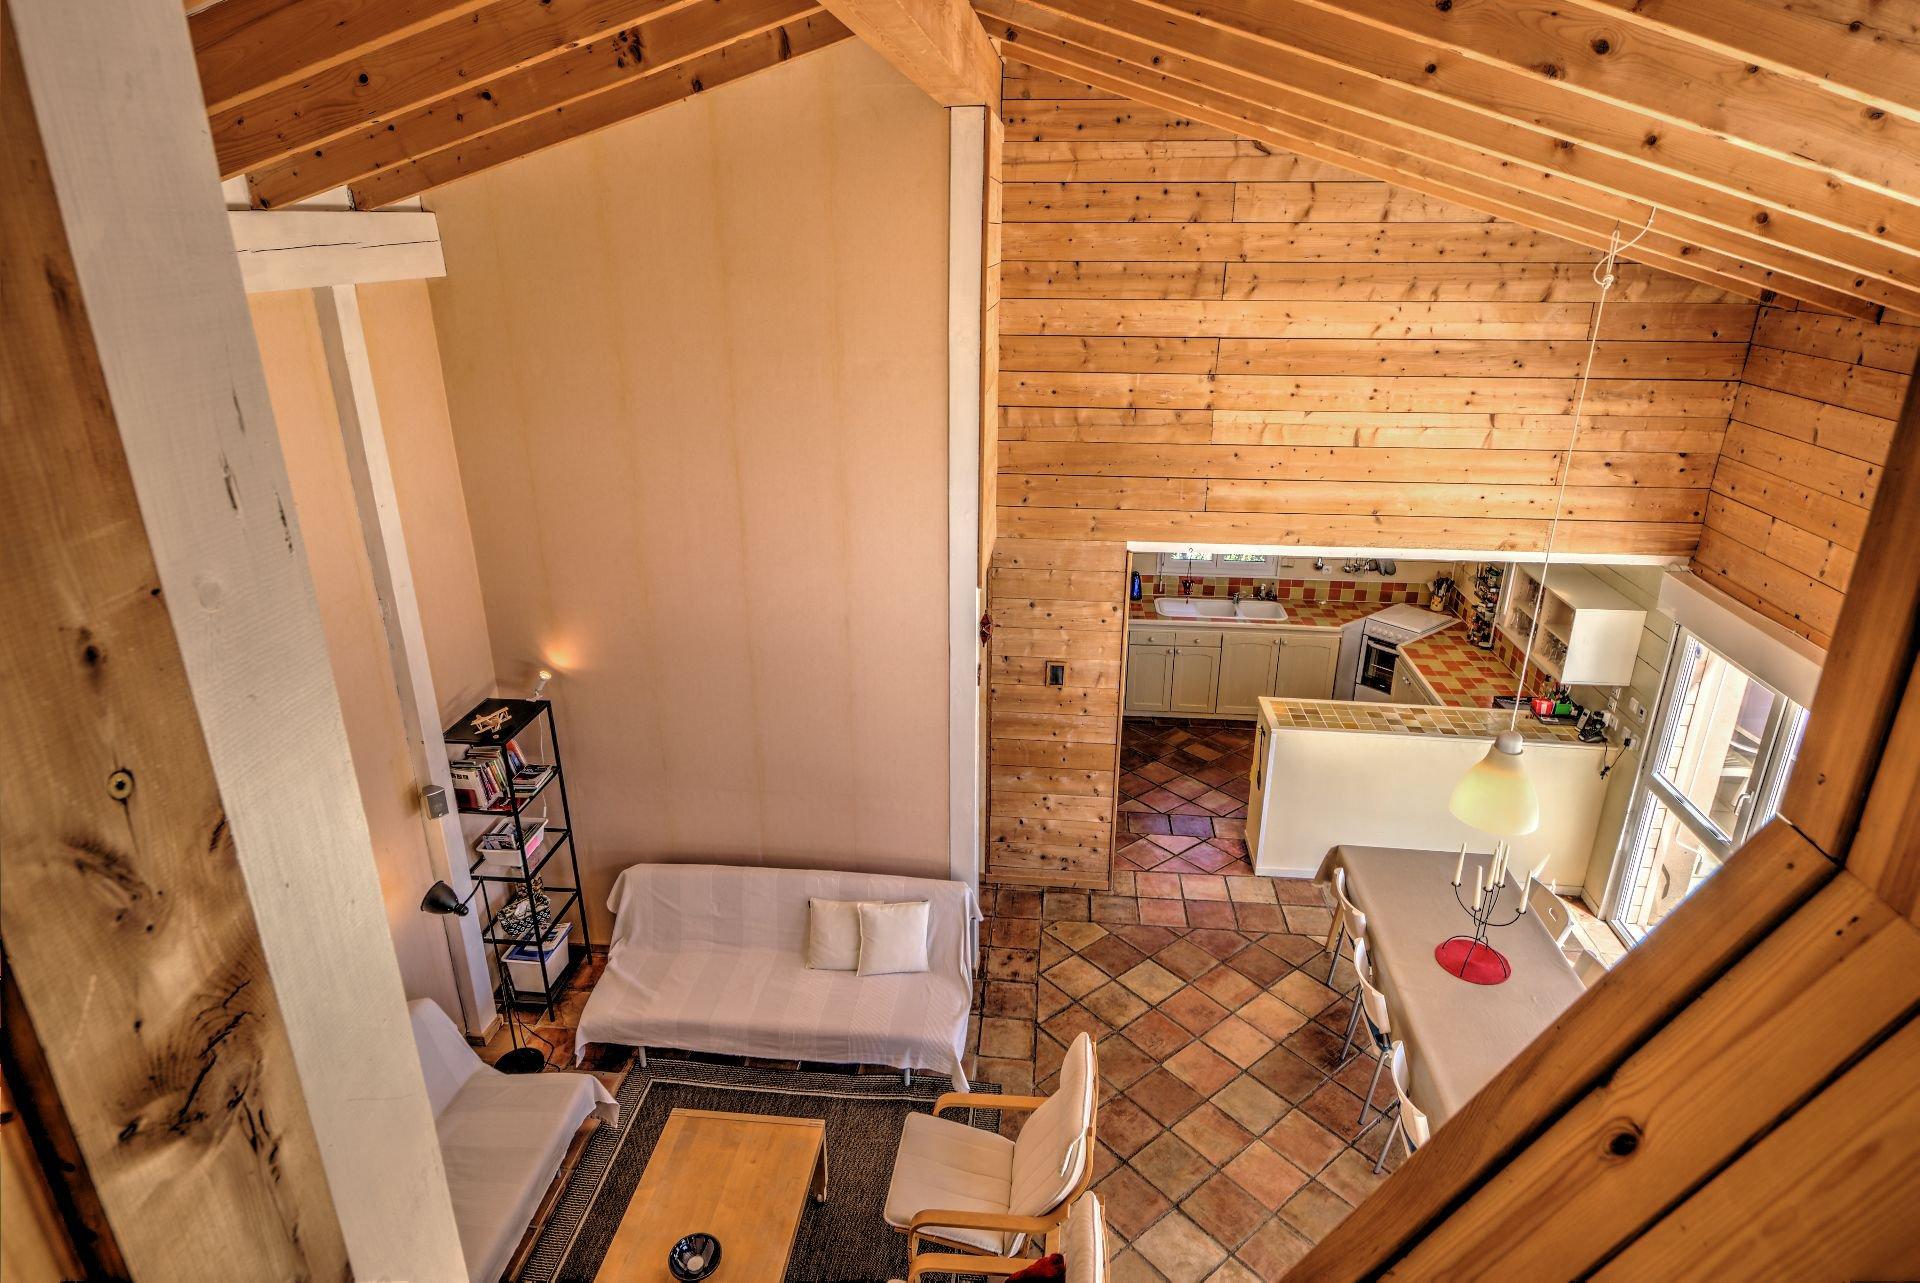 Vue sur séjour du bureau 1er étage de Maison à ossature bois HPE, 180 m², 5 ch, piscine, Aups, Var, Provence, Paca